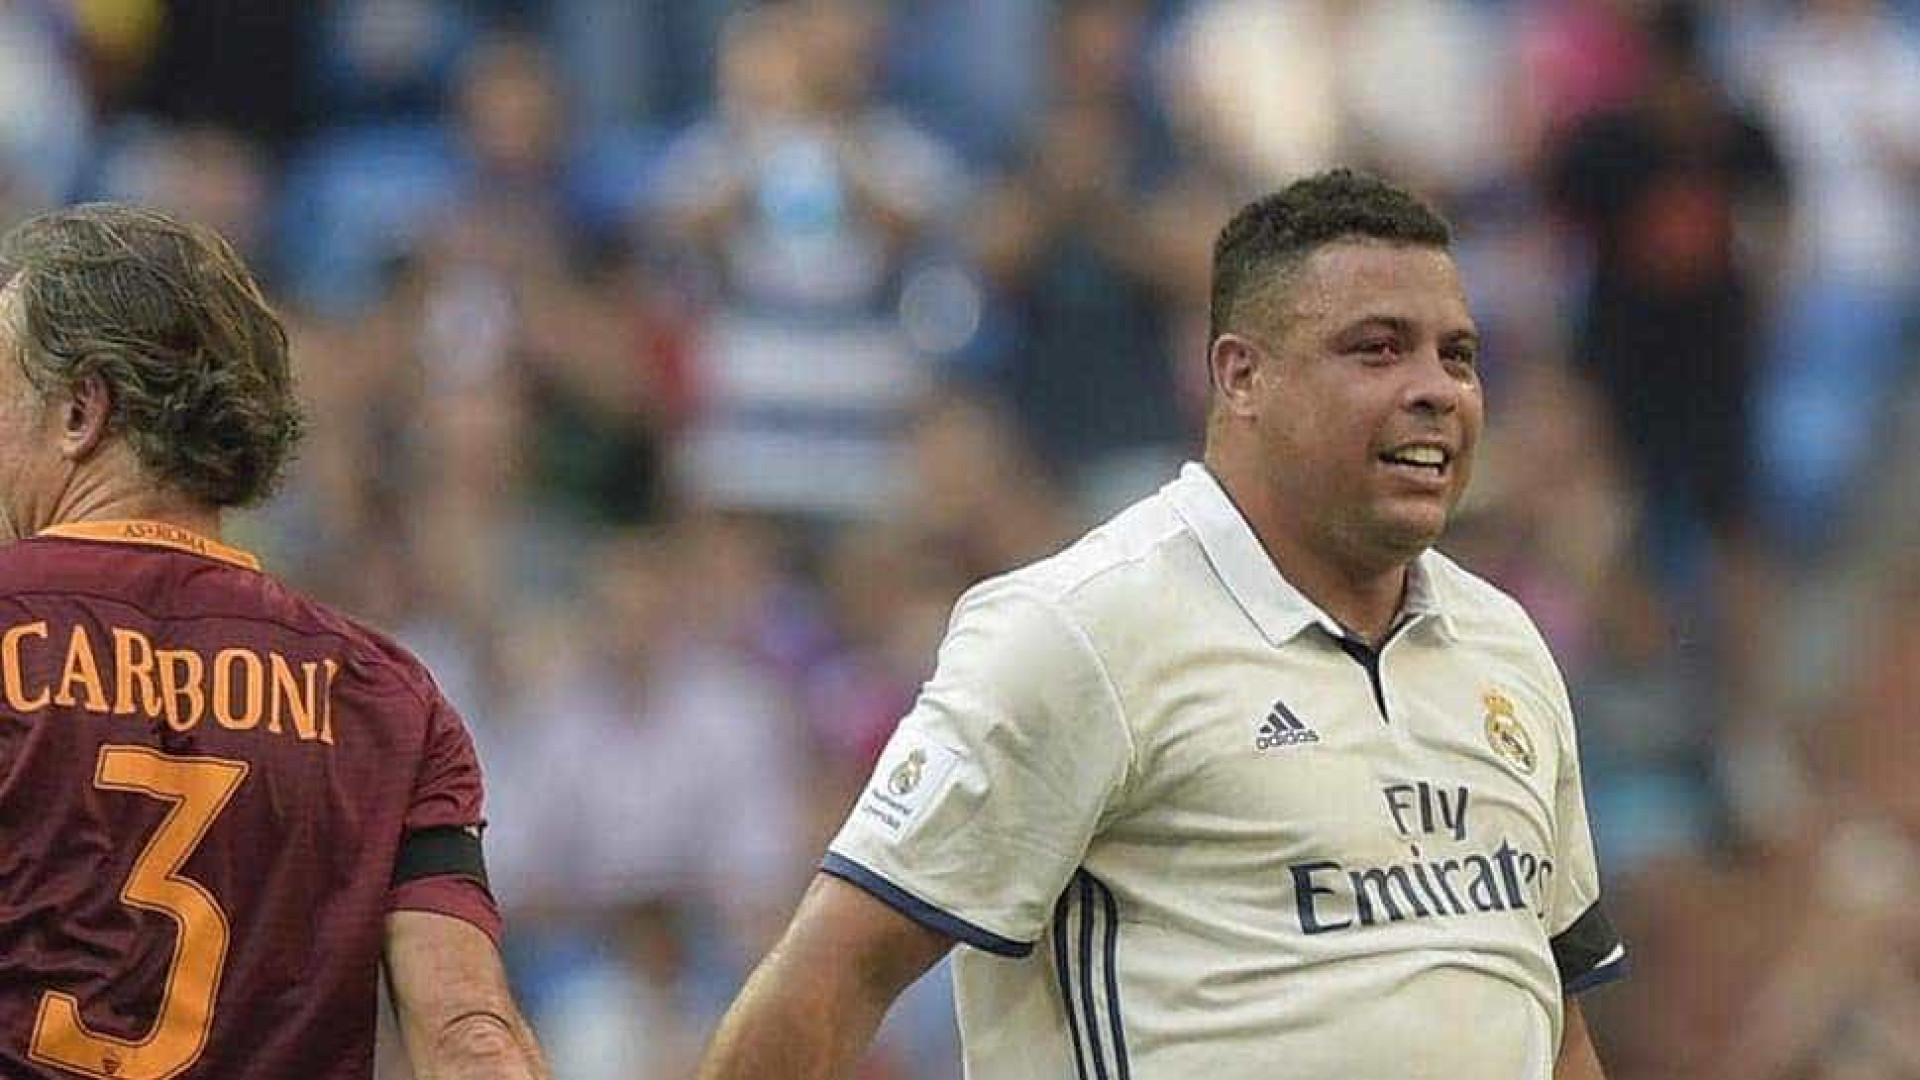 Com Ronaldo em campo, Figo marca golaço em jogo de lendas do Real